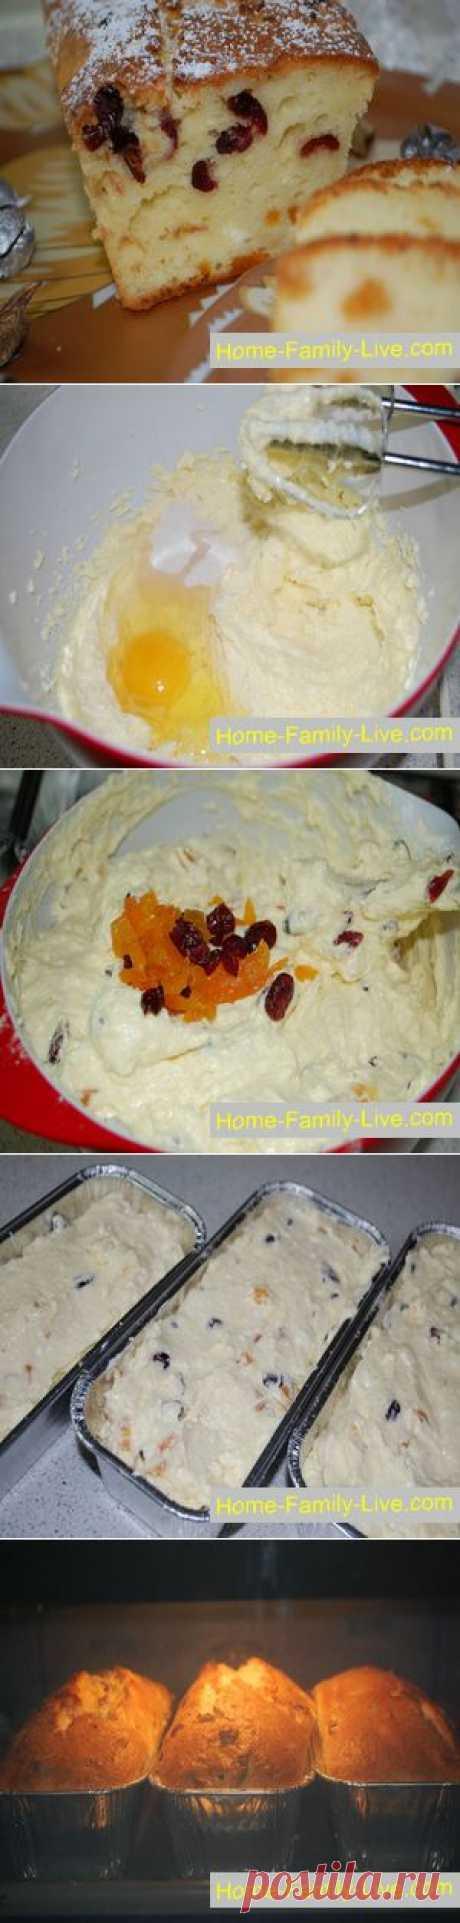 Творожный кекс - пошаговый фоторецепт - кекс с клюквой из творога